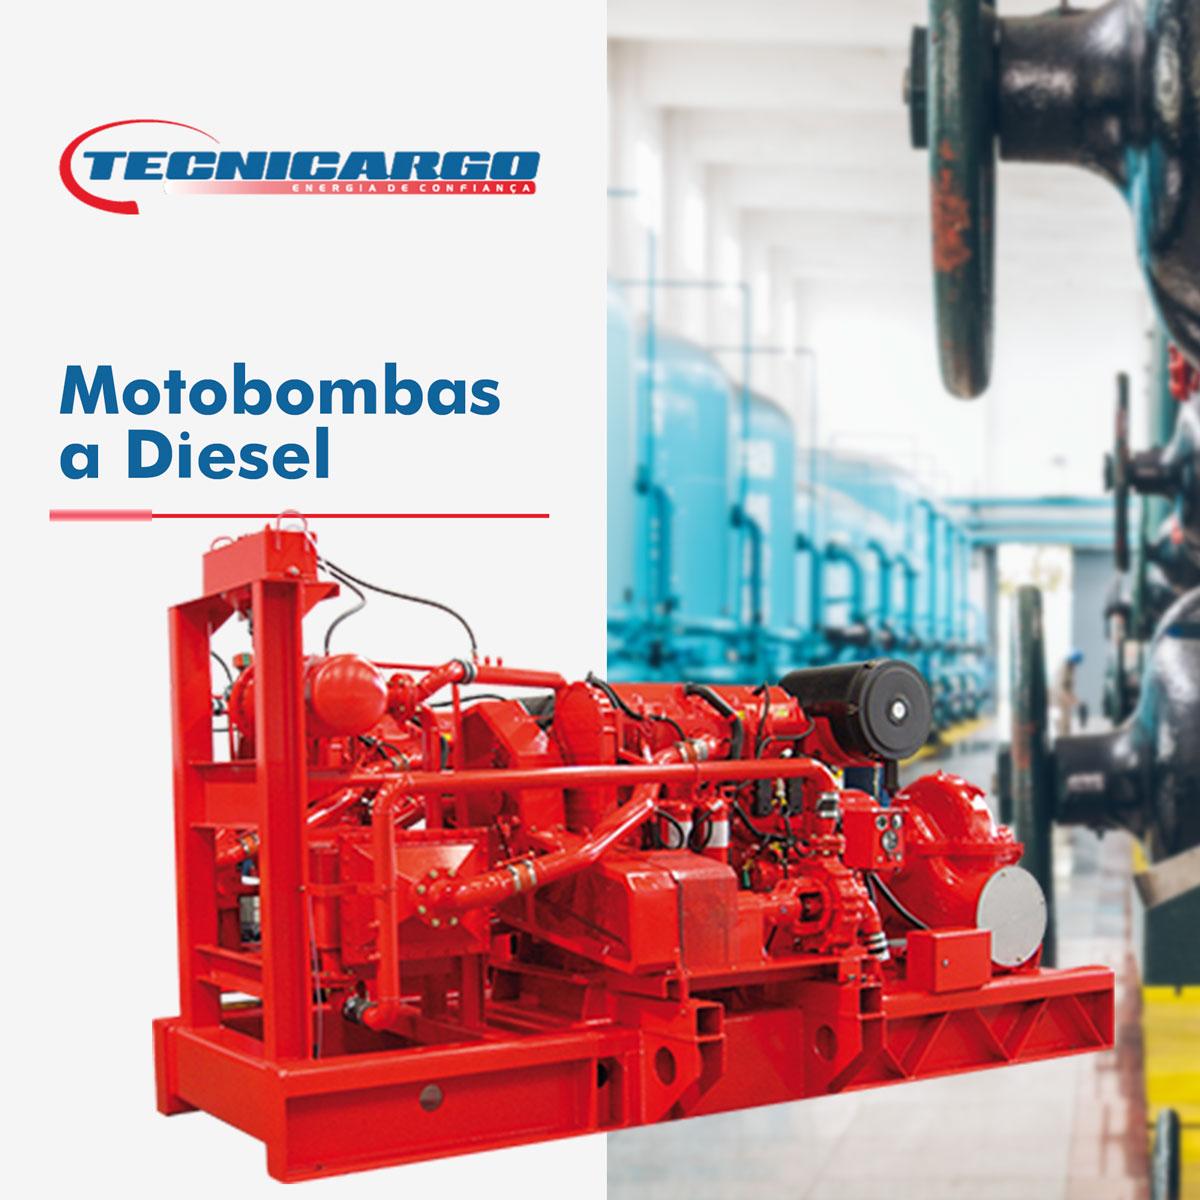 Motobombas a Diesel